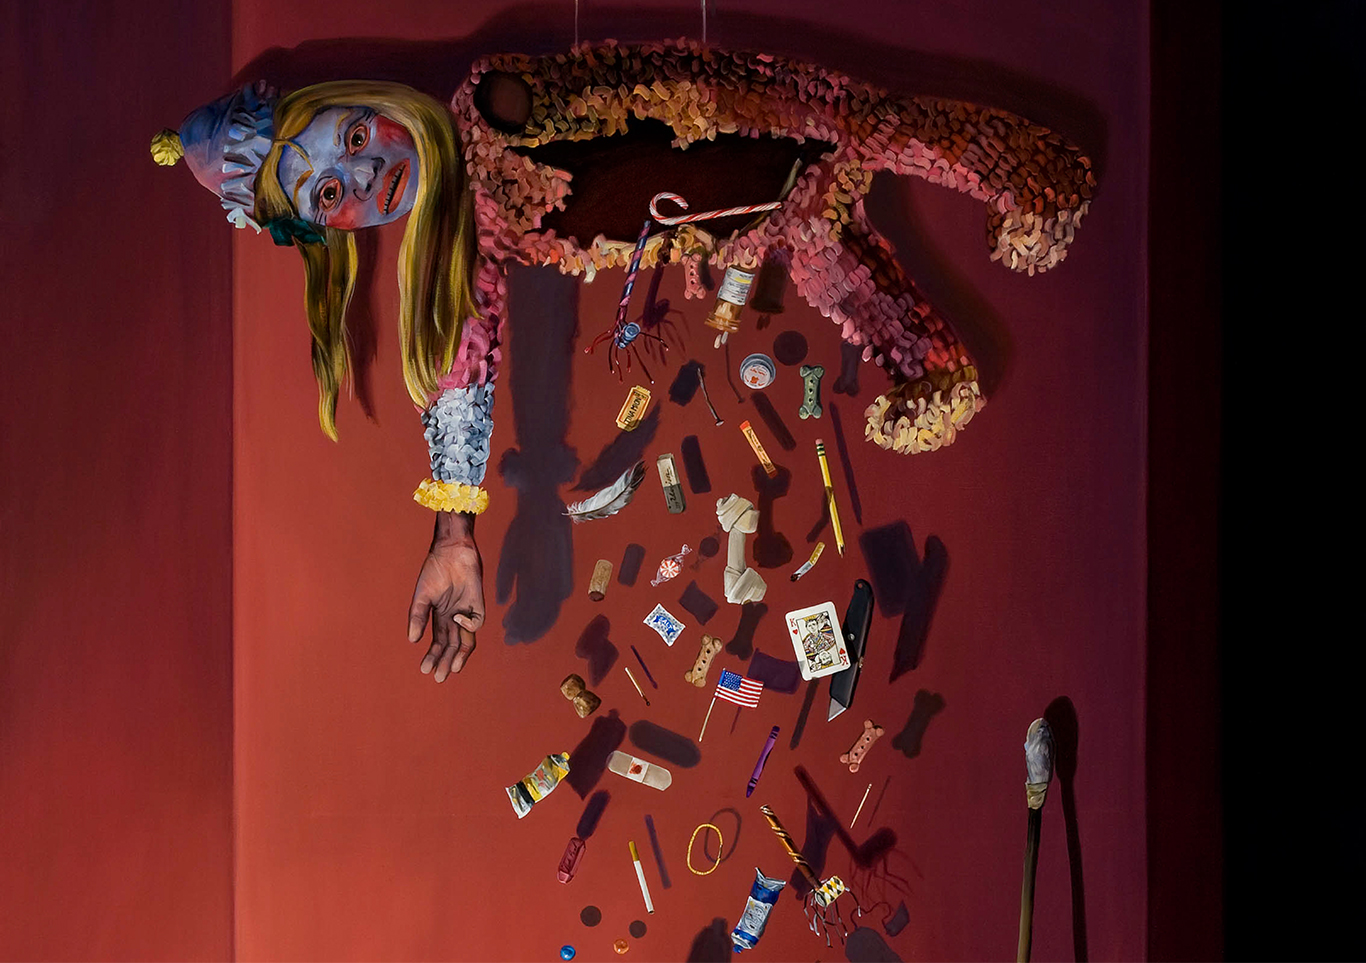 Tina Mion art, Piñata